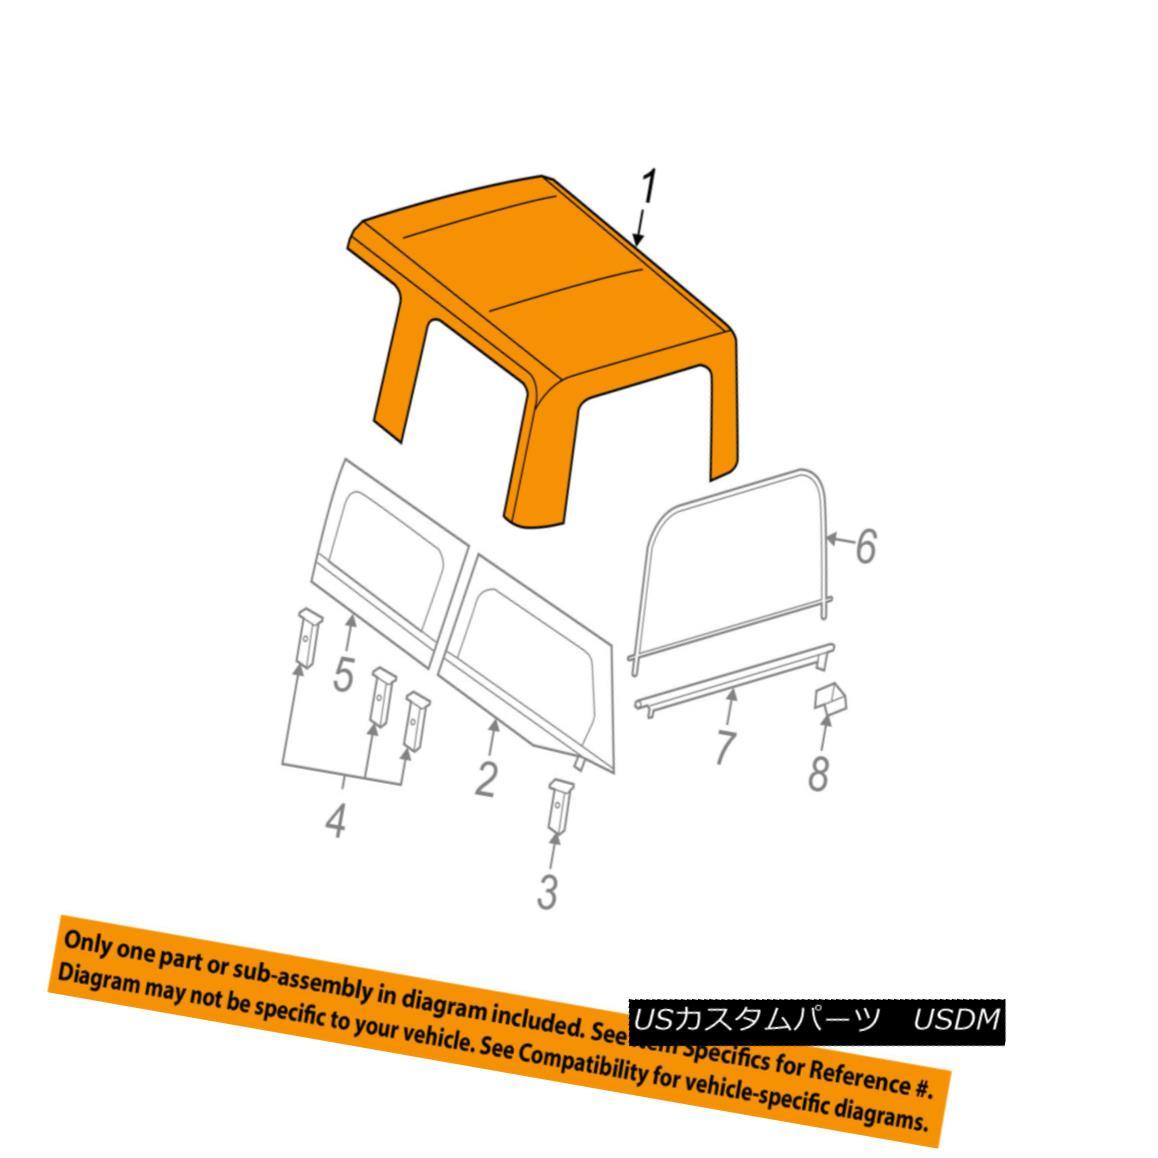 幌・ソフトトップ Jeep CHRYSLER OEM 2007 Wrangler Convertible/soft Top-Folding Top 1FS86SX9AA ジープクリライヤーOEM 2007 Wrangler Convertible / so ftトップ折りたたみトップ1FS86SX9AA